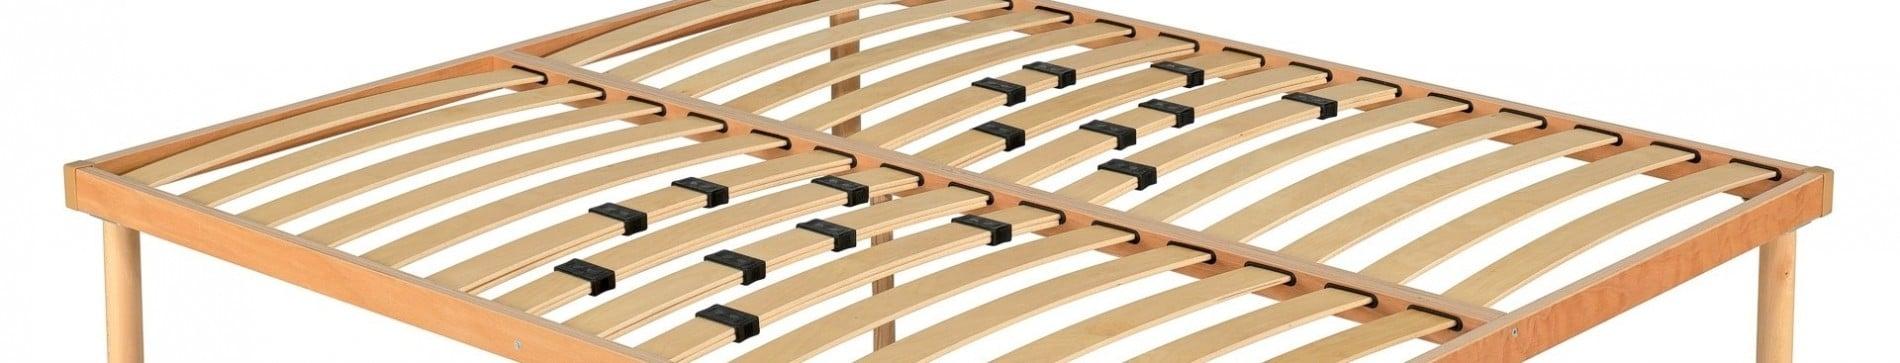 Reti in legno roma testata